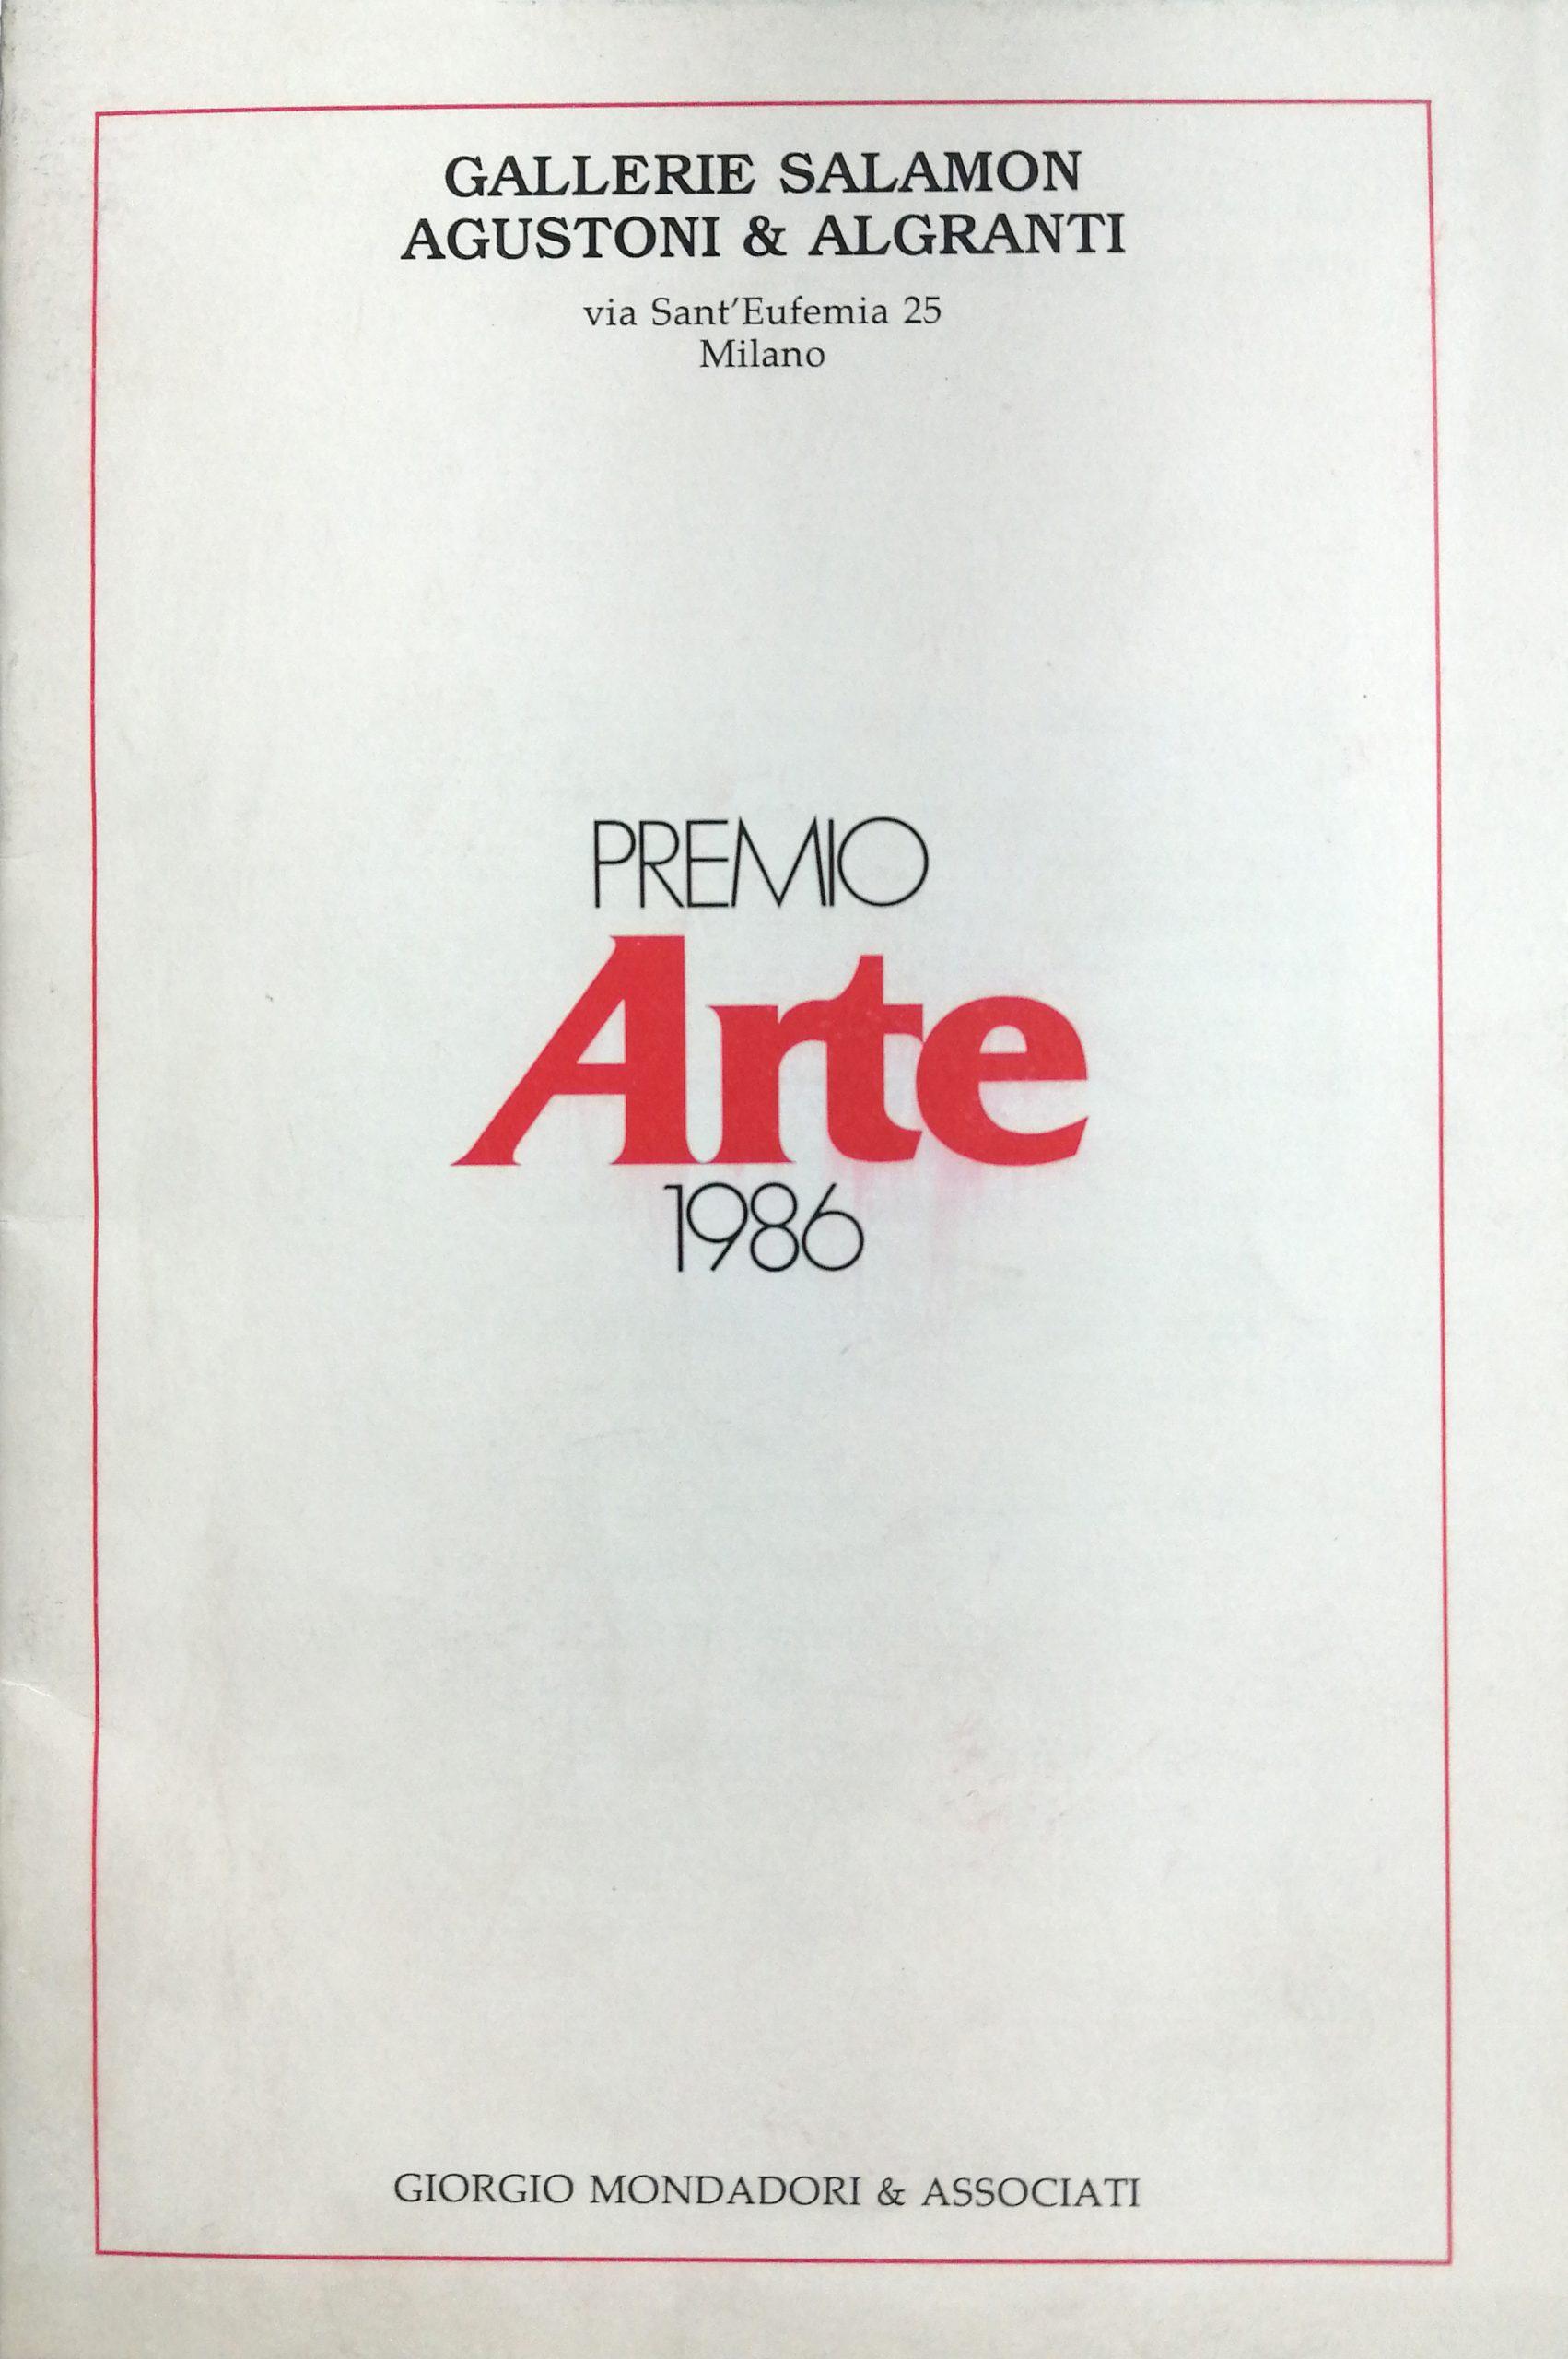 1986 Premio Arte Gallerie Salamon Agustoni Algranti Milano scaled - Bibliography/ Catalogues